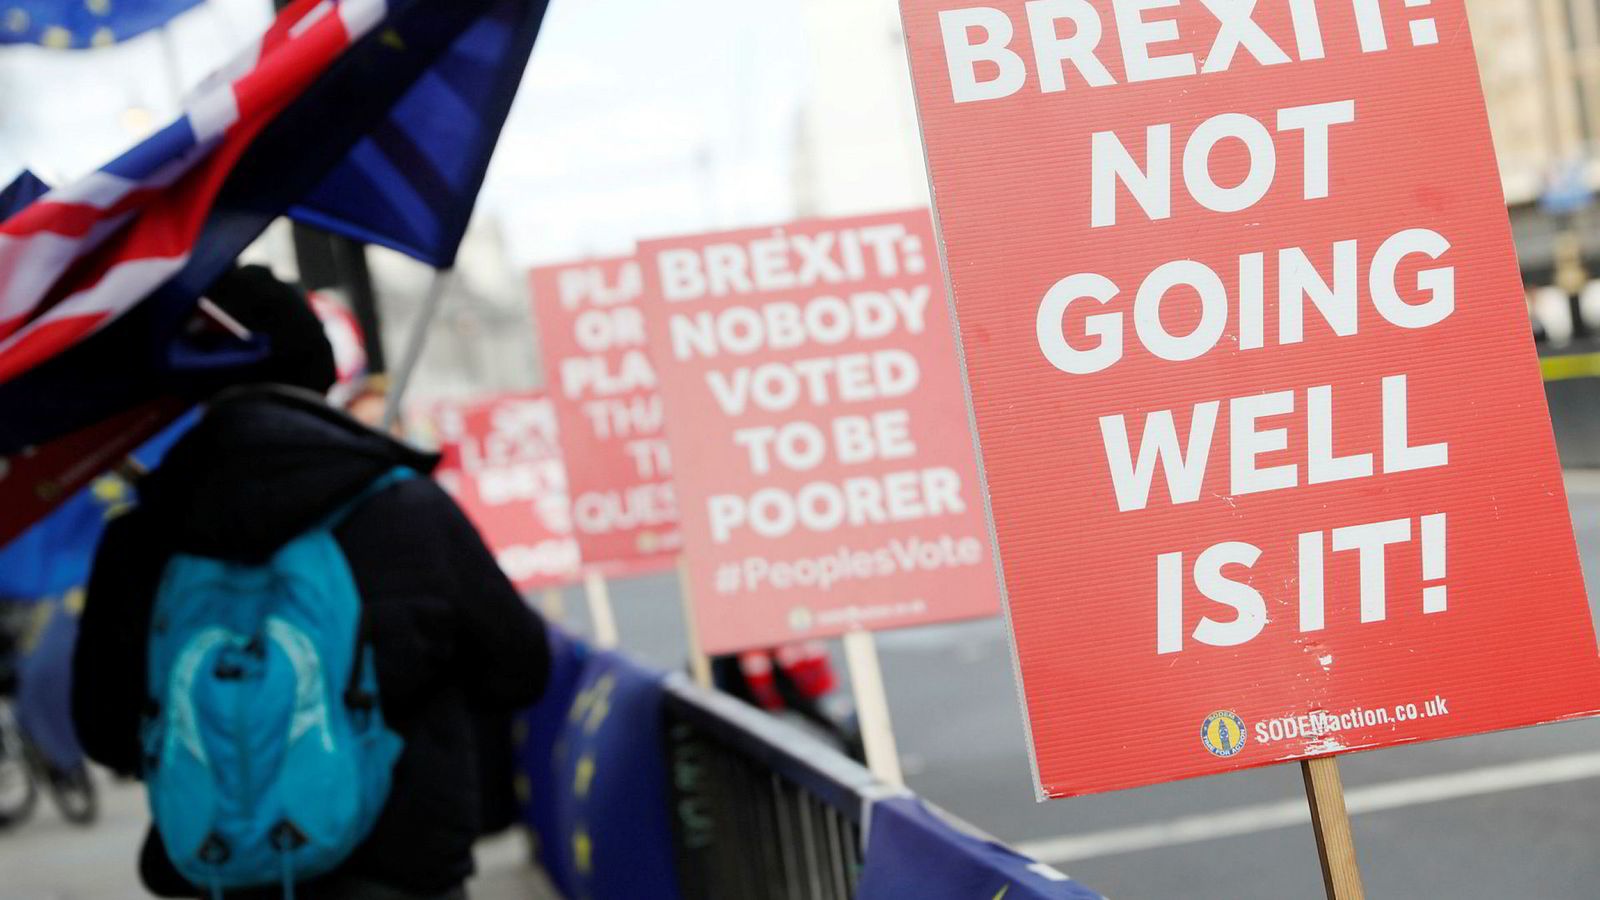 Brexit-usikkerheten har tvunget selskaper innen bank og finans til å forberede seg på verst tenkelig resultat, ifølge ny rapport. Tusener av milliarder har allerede forsvunnet ut. Her fra en anti-brexit-demonstrasjon i London mandag.